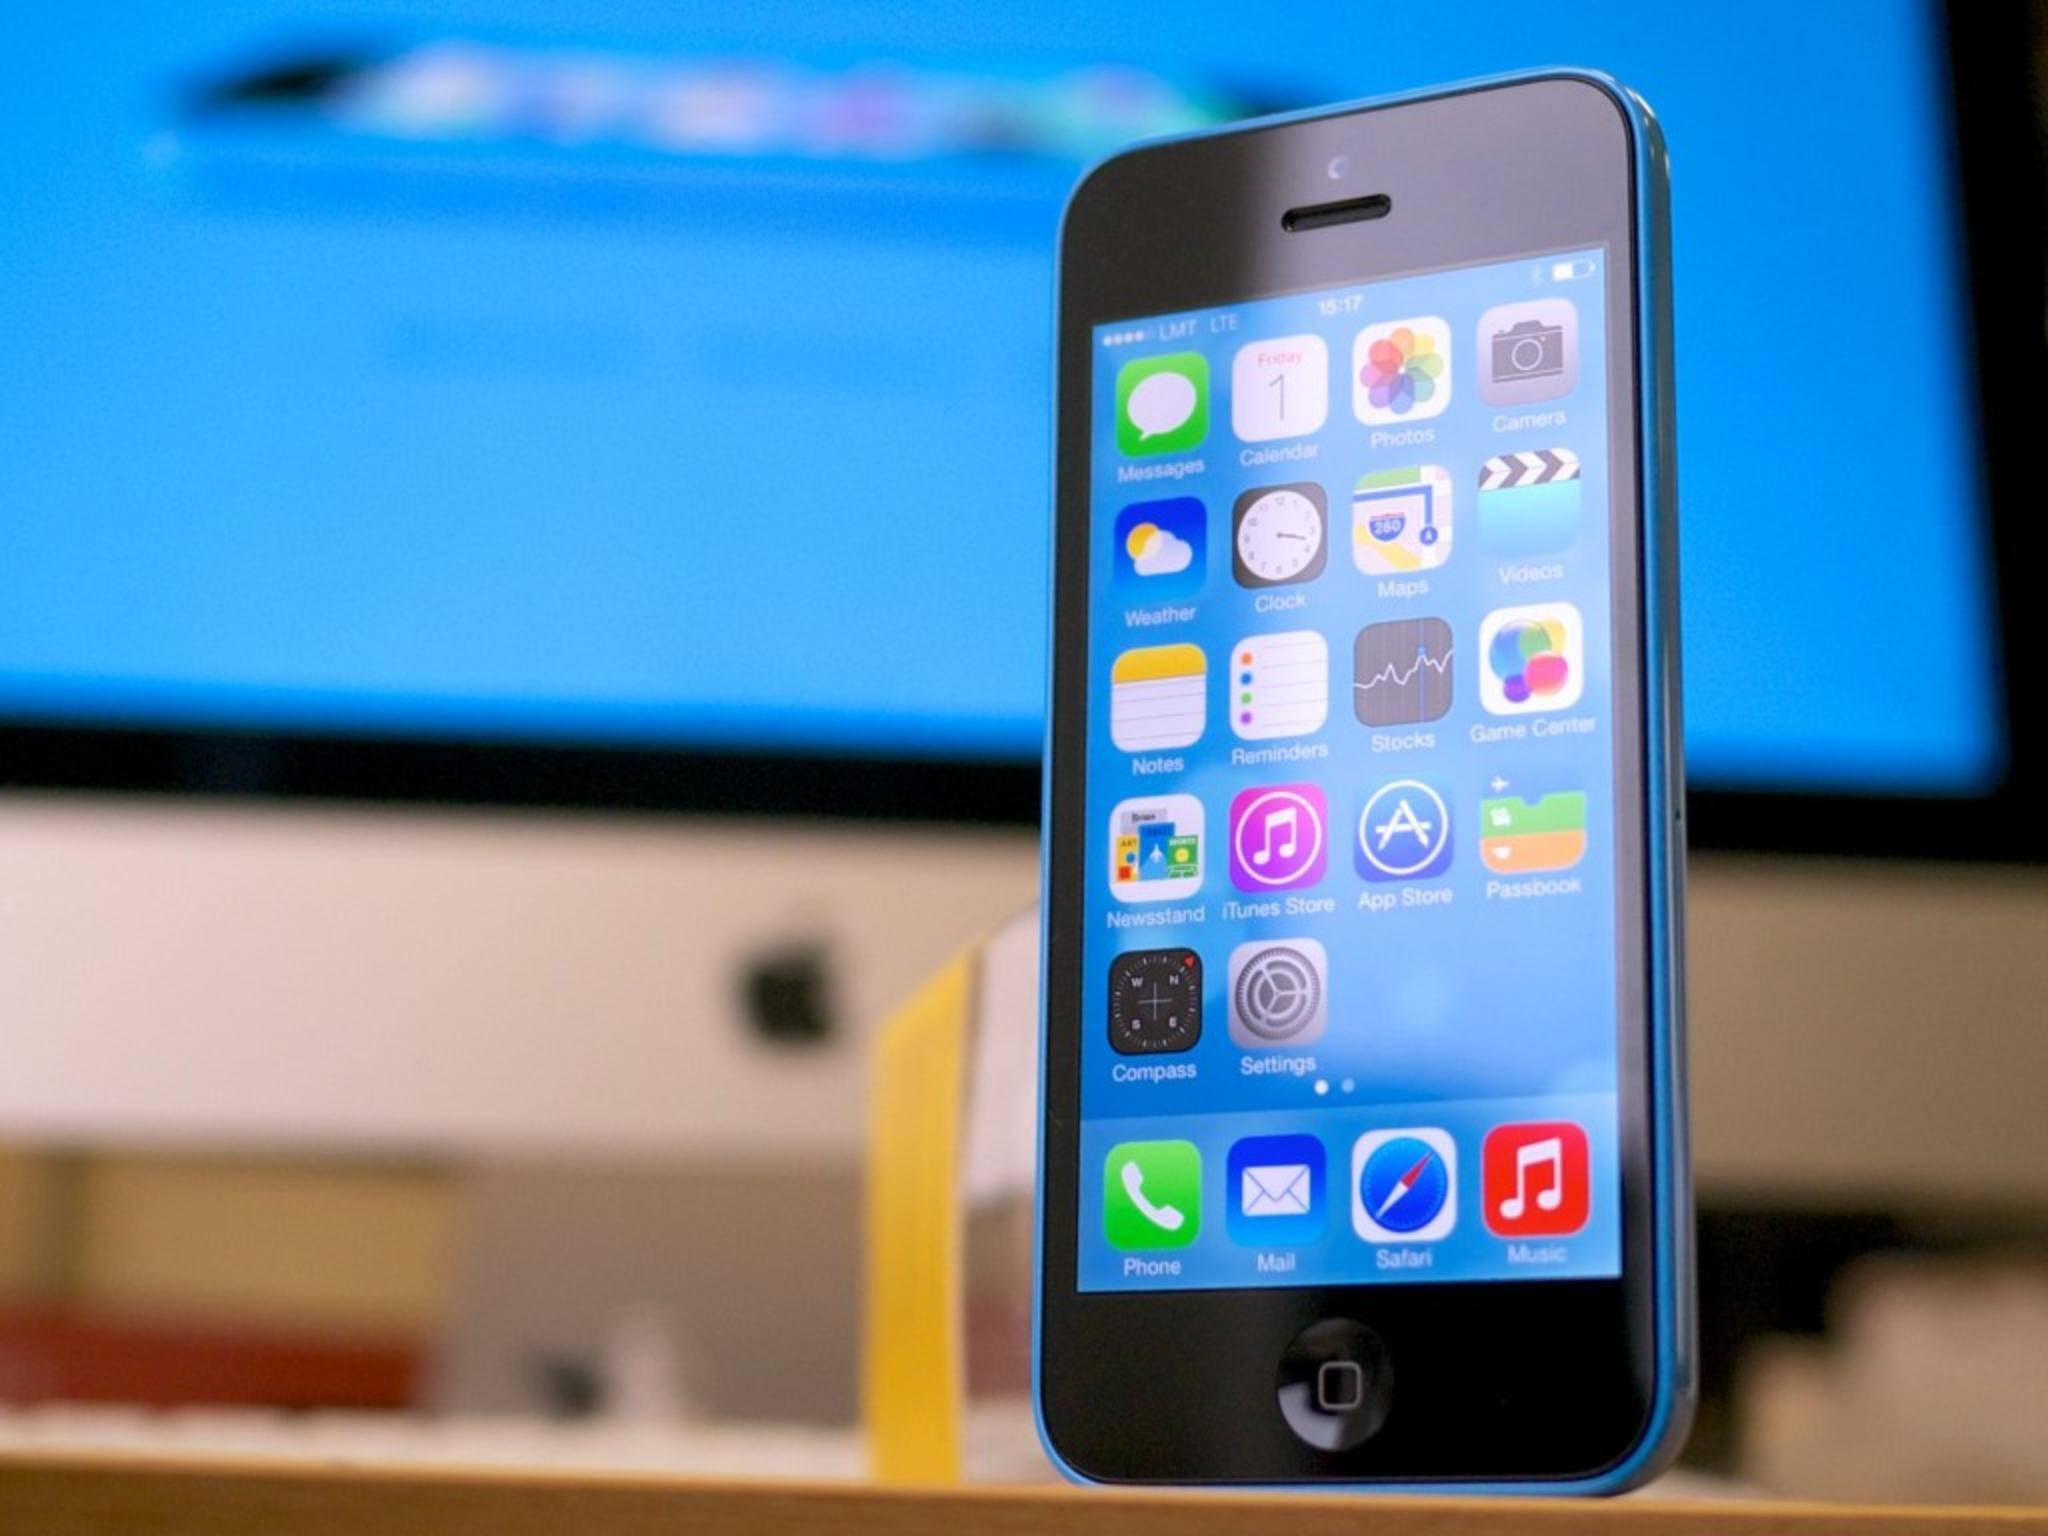 Mitte kommenden Jahres könnte die Produktion des iPhone 5c eingestellt werden.